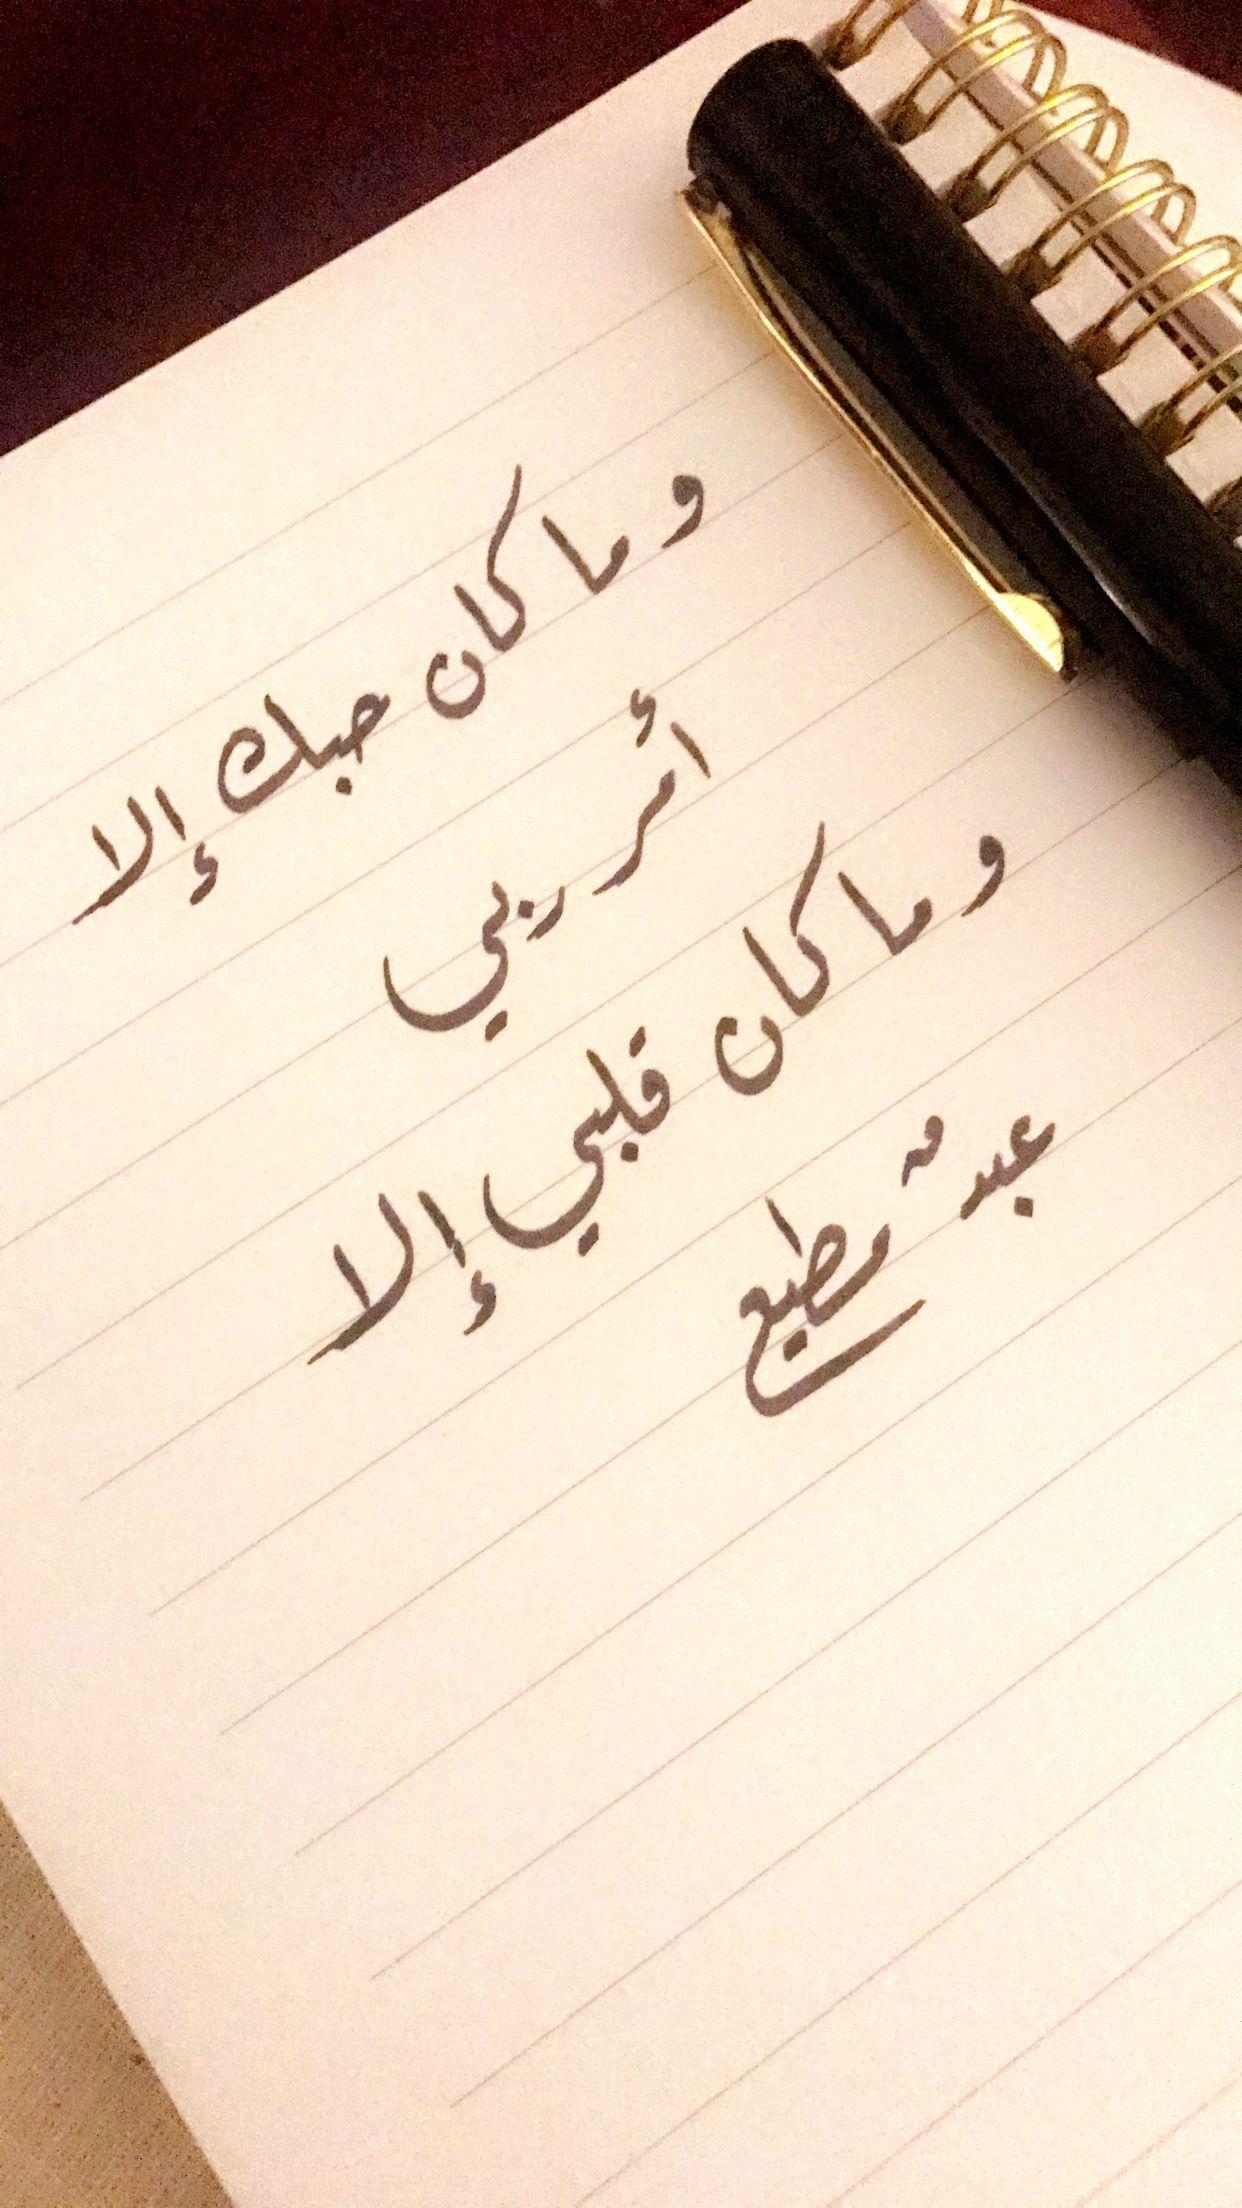 أمر ربي فراغ قلبي من أي احد هذا ما أنا عليه الان Quotes For Book Lovers Short Quotes Love Sweet Love Quotes